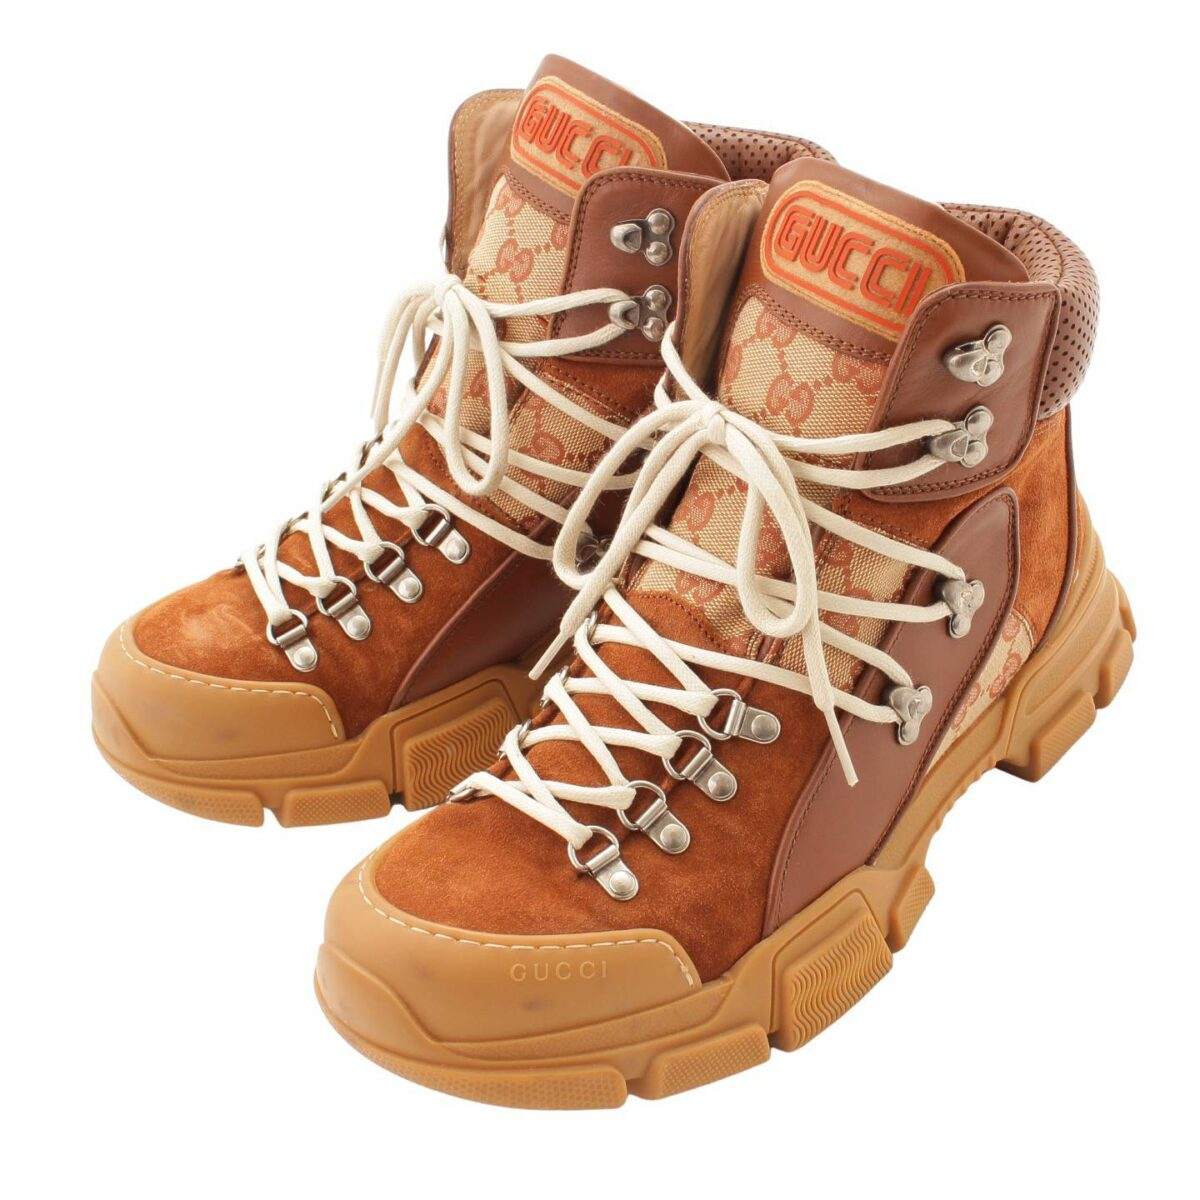 グッチ フラッシュトレック GGキャンバス ブーツ 521679 ブラウン